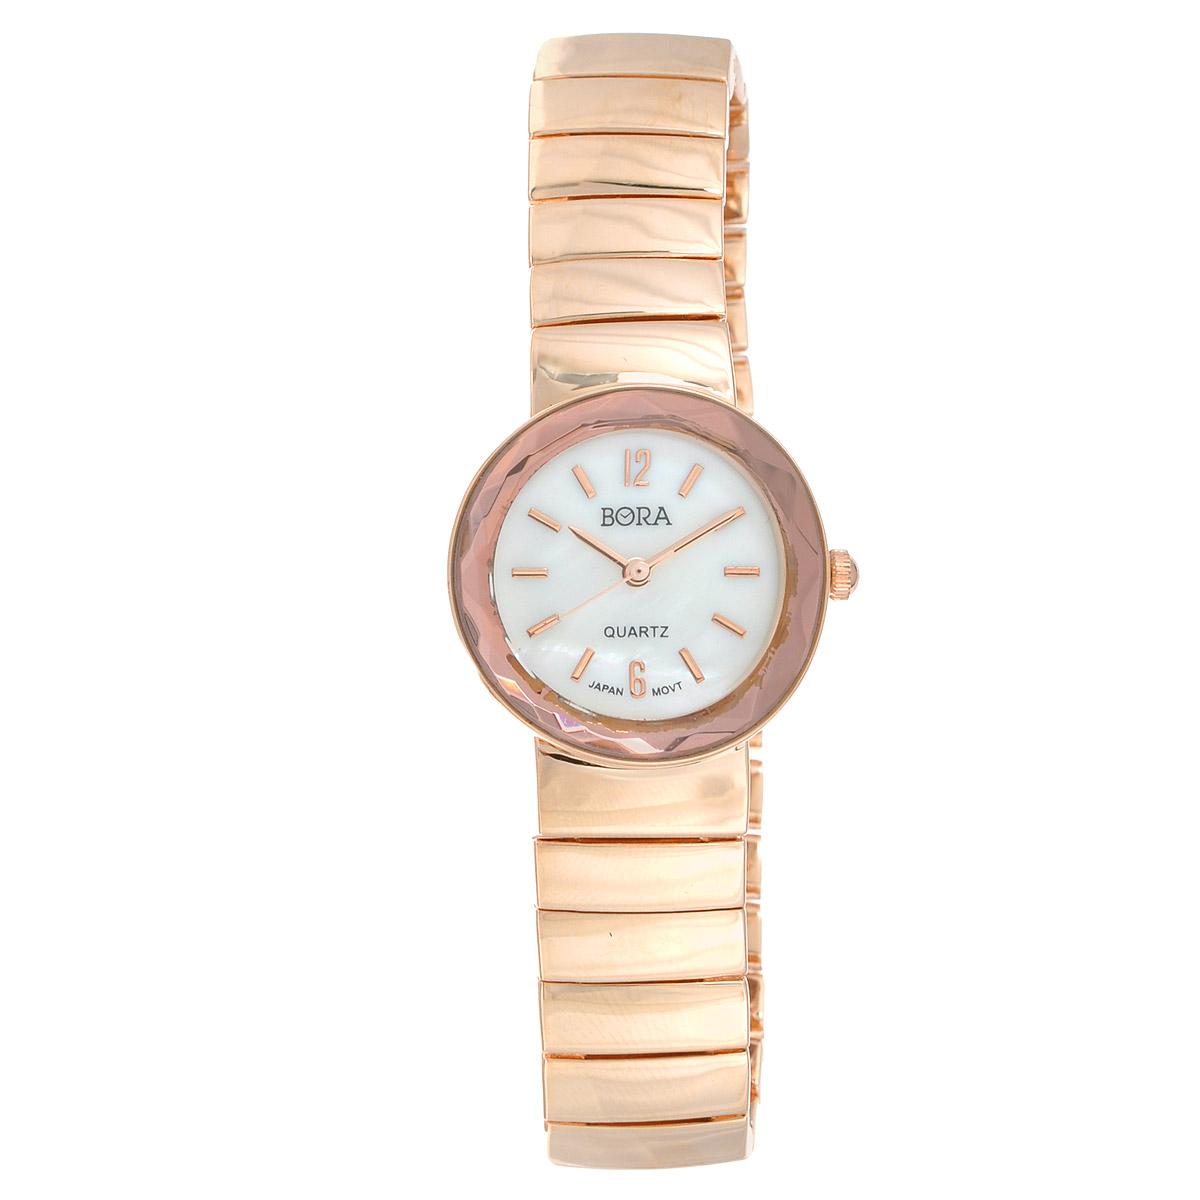 Часы наручные женские Bora, цвет: золотой. FWBR067 / T-B-8092-WATCH-ROSEGOLDFWBR067 / T-B-8092-WATCH-ROSEGOLDЧасы торговой марки Bora отличает изысканный стиль и превосходное качество изготовления. Японский механизм Seiko отличает невероятная точность. С ними вы точно не пропустите ничего интересного. Корпус часов выполнен из легированного металлического сплава под «розовое золото», цифры на циферблате отсутствуют, кроме отметок 6 и 12 часов. Ремешок изготовлен из металлического сплава и застегивается на классическую застежку-пряжку. Практичная и незаменимая вещь в сумасшедшем ритме современной жизни. Стильный и элегантный аксессуар идеально дополнит Ваш повседневный образ. Характеристики: Размеры корпуса: 2,6 х 2,6 х 0,6 см. Длина ремешка без учета корпуса: 15 х 1,5 см. Не водостойкие.